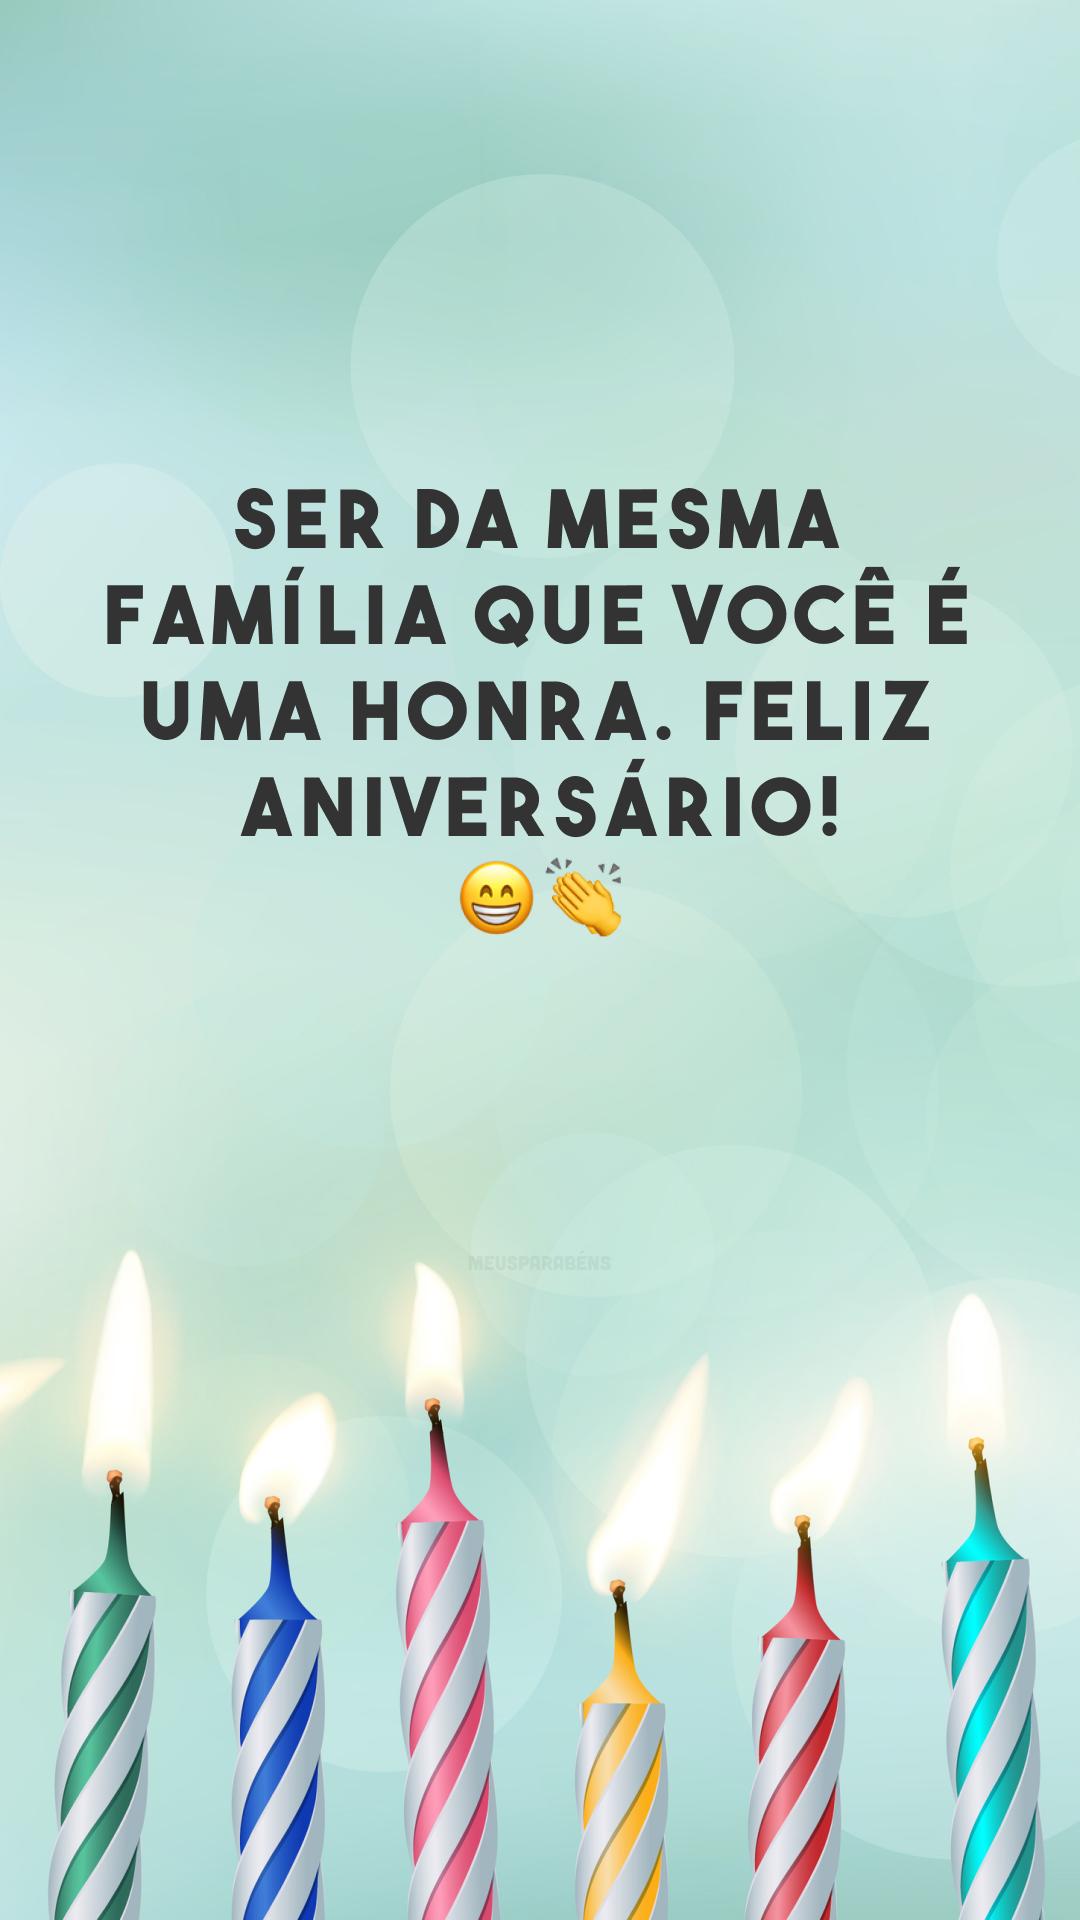 Ser da mesma família que você é uma honra. Feliz aniversário! ??